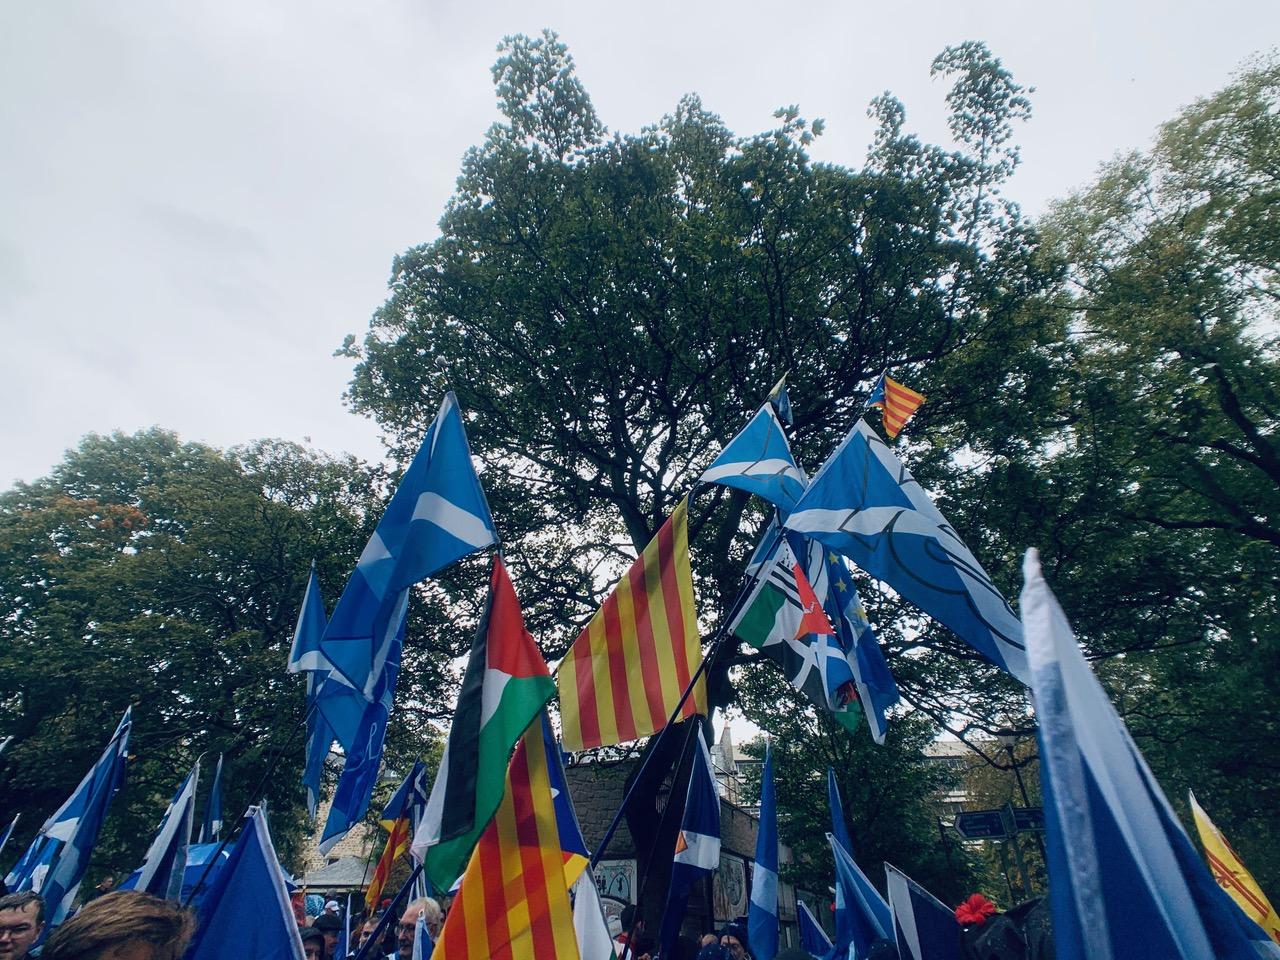 スコットランド独立運動マーチに参加